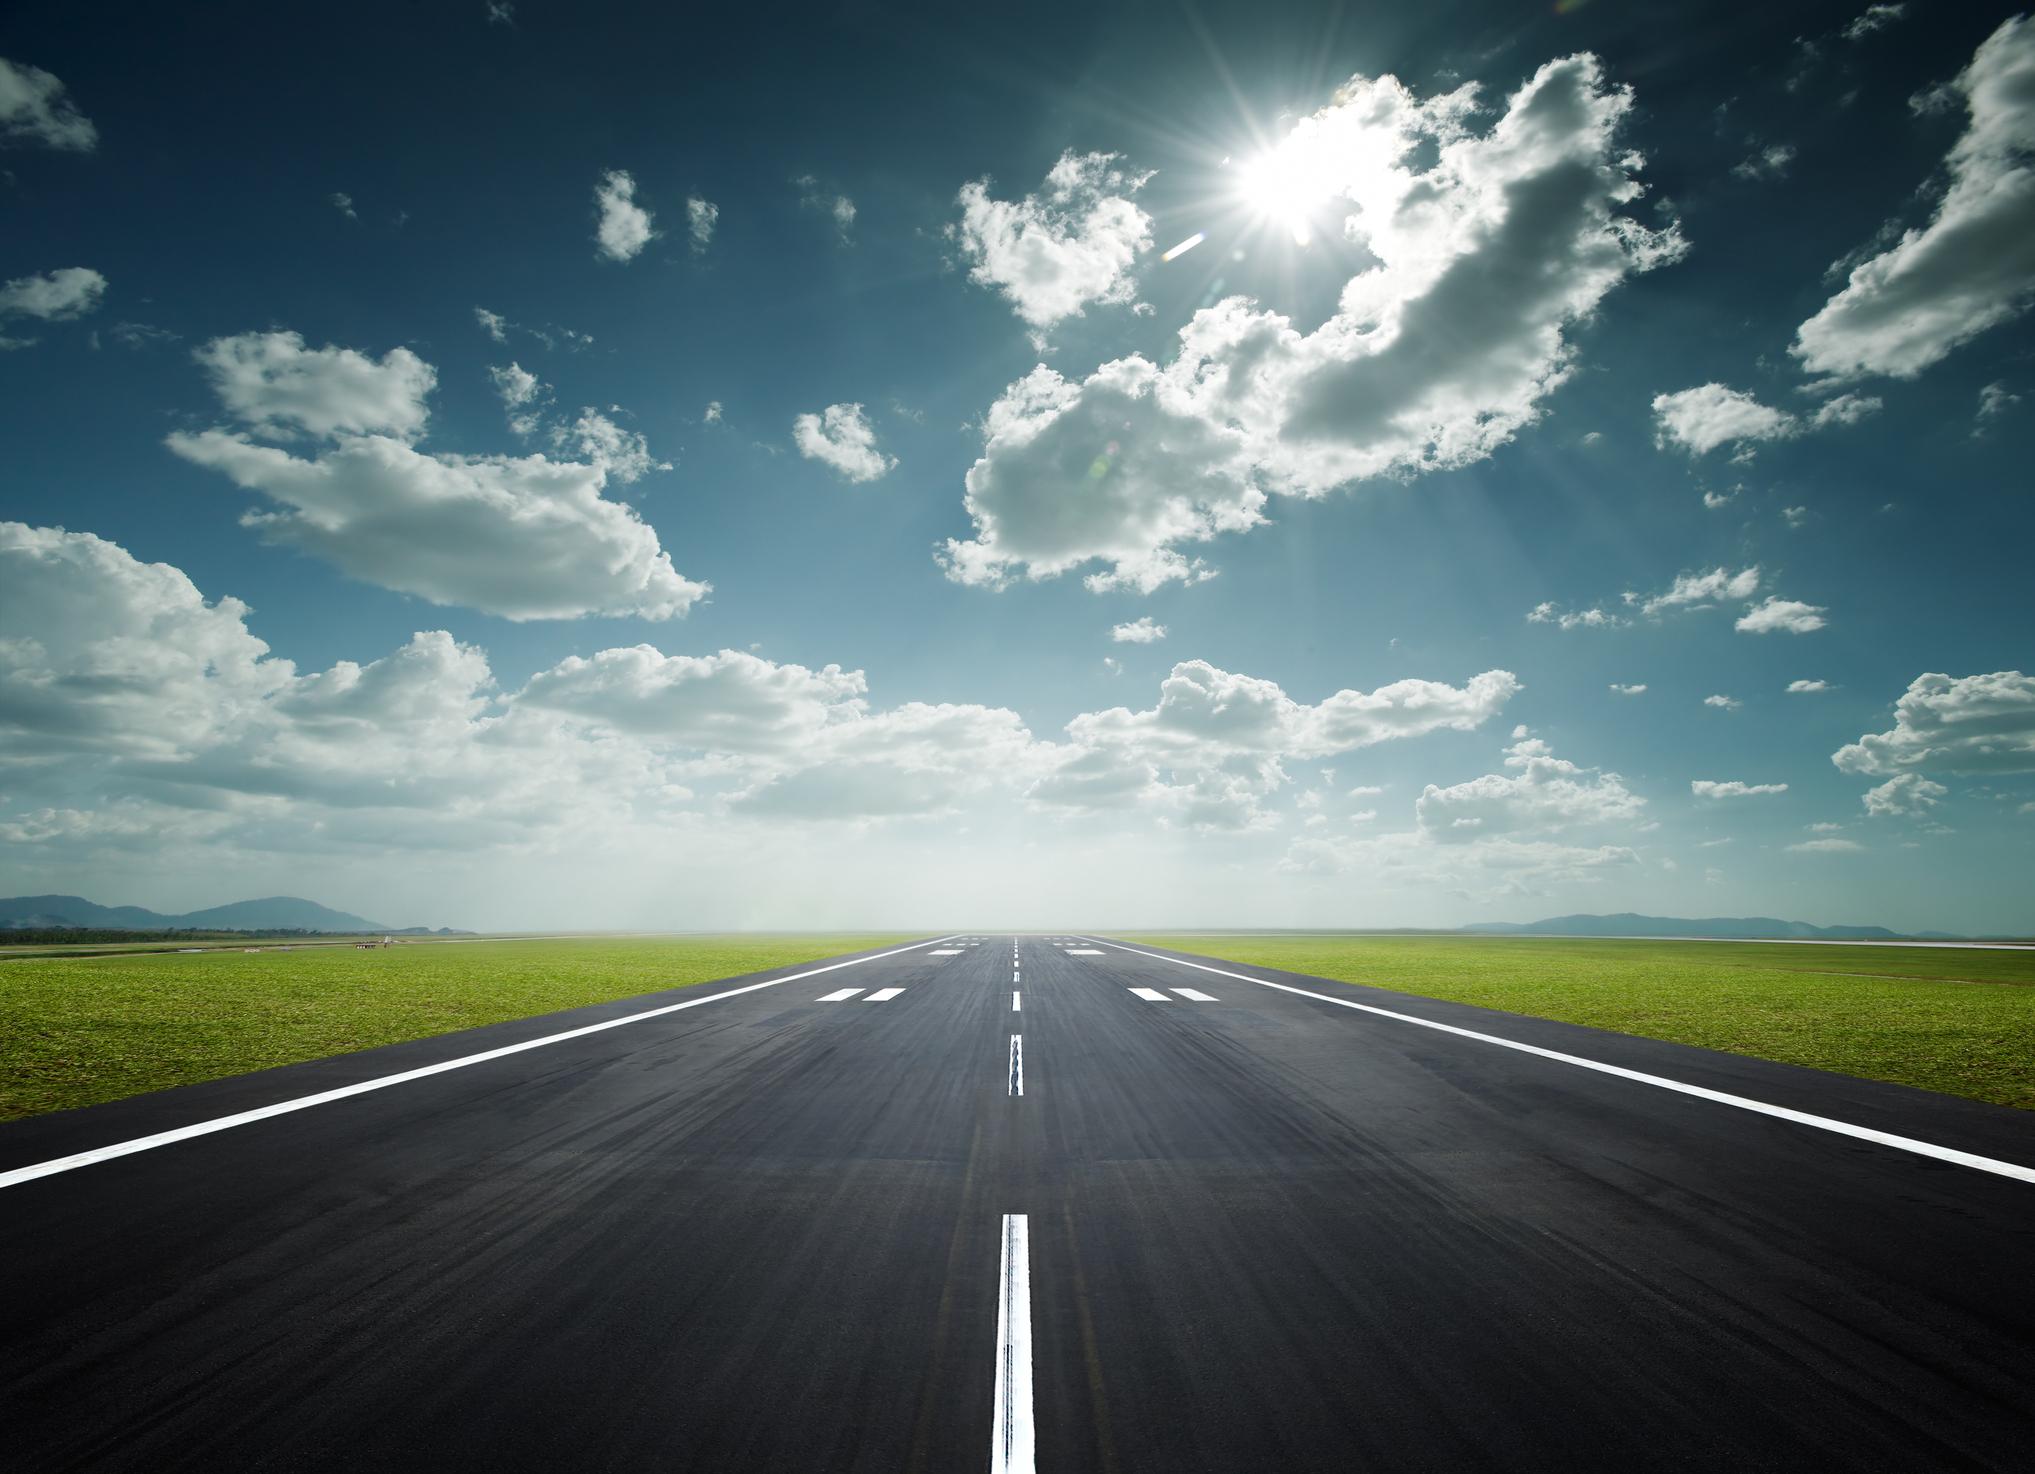 An airport runway